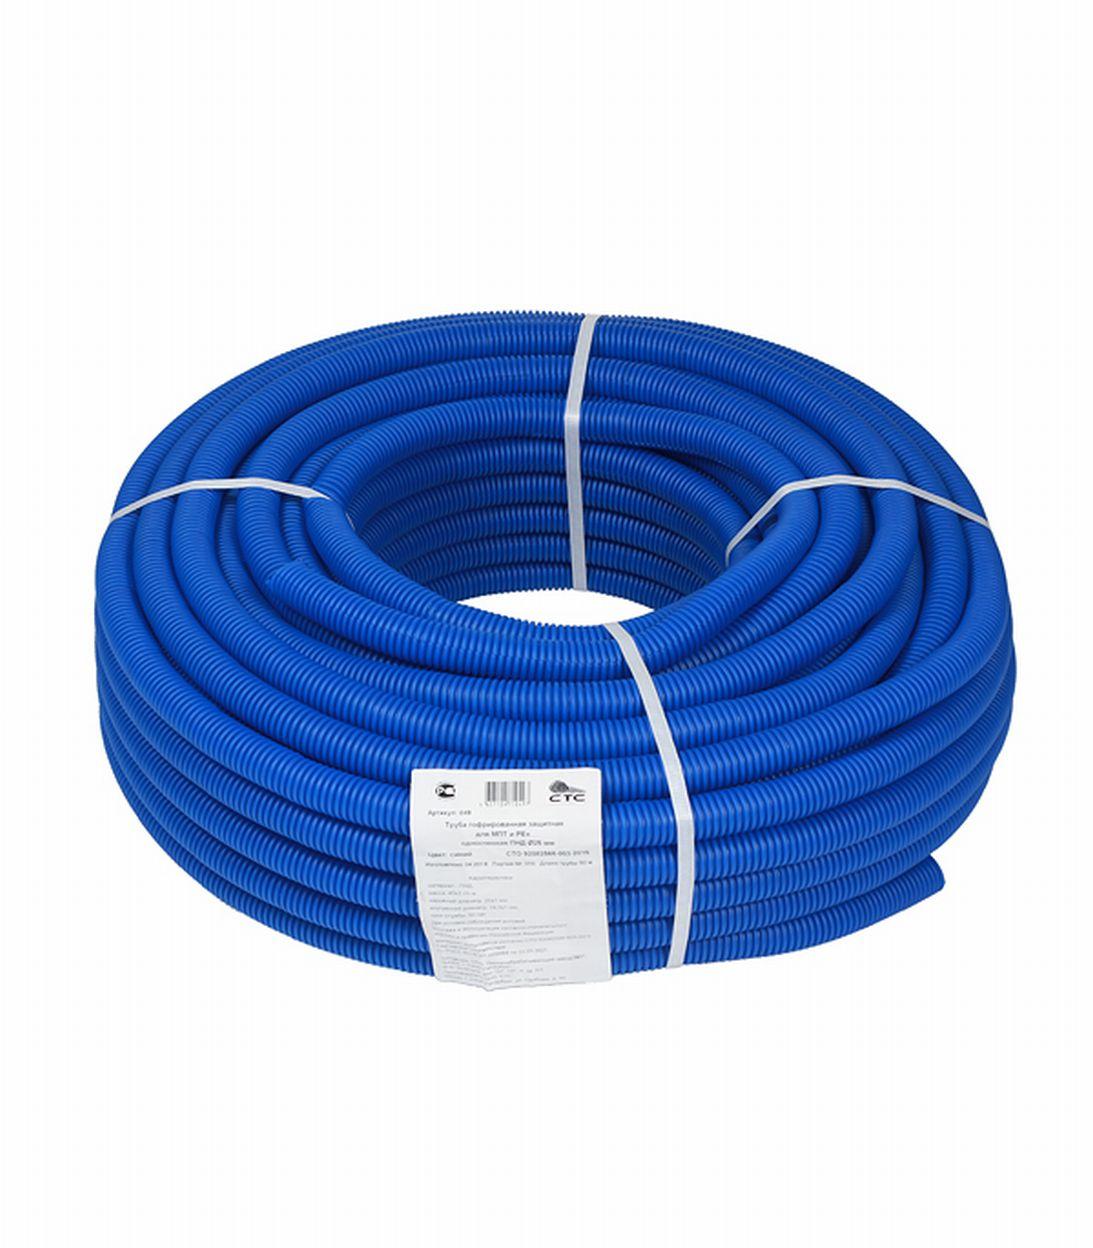 Труба гофрированная 25 мм для металлопластиковых труб d16 мм синяя бухта 50 м фото